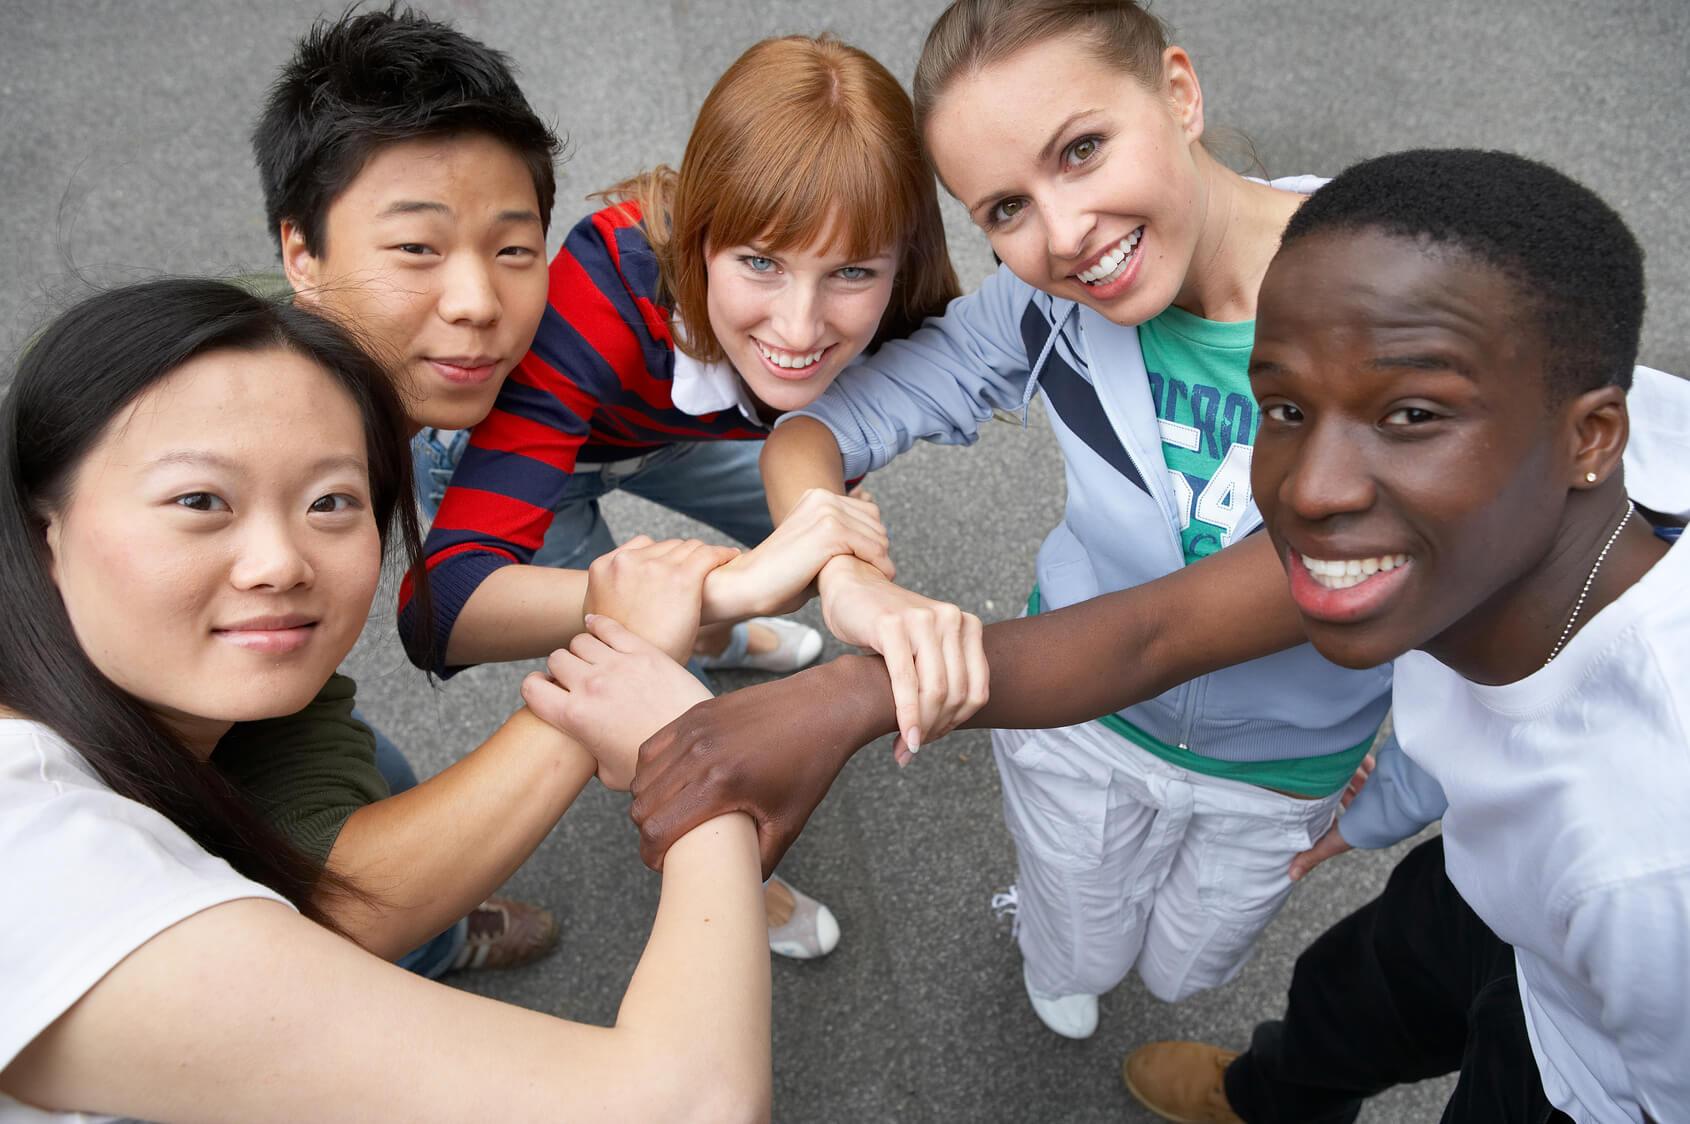 Gruppe von jungen Menschen, jeder Kultur und Herkunft, die einander die Hand geben und in die Kamera lächeln.